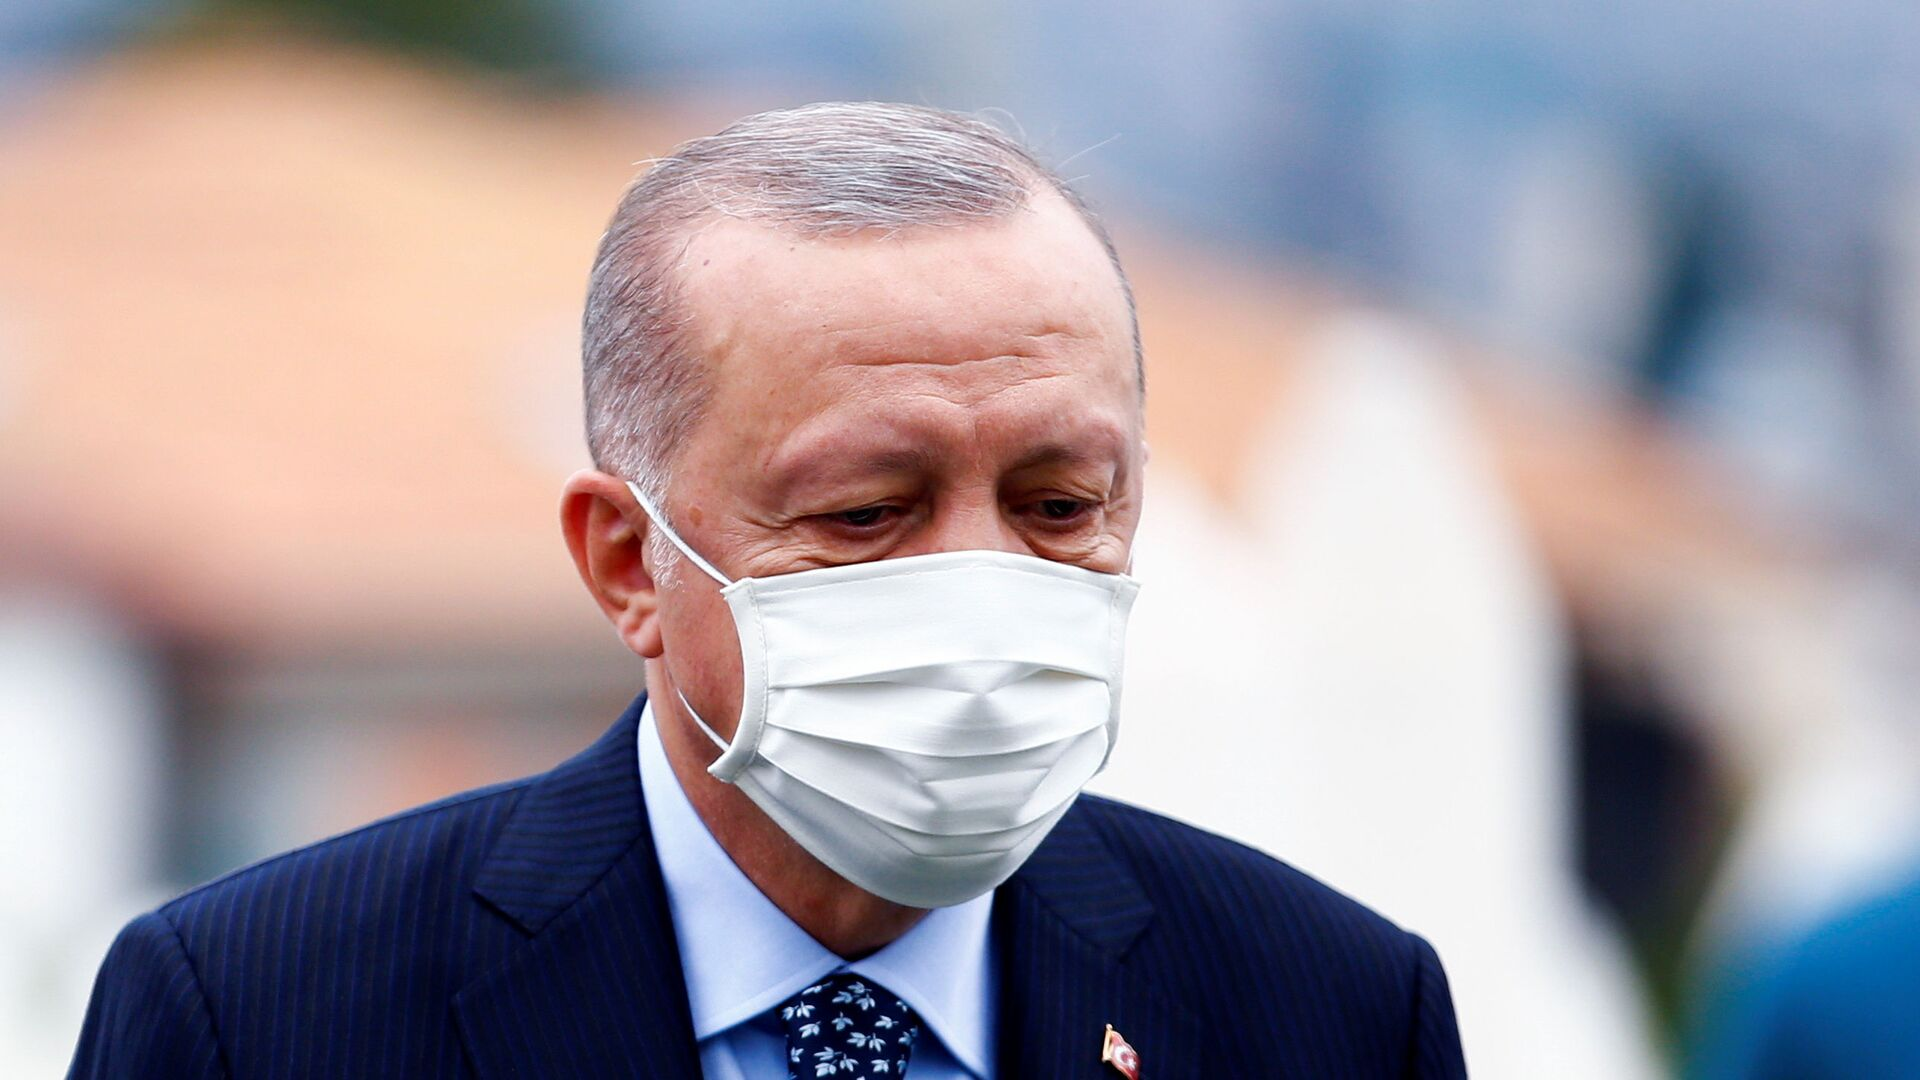 Il presidente turco Recep Tayyip Erdogan in visita a Sarajevo - Sputnik Italia, 1920, 21.09.2021